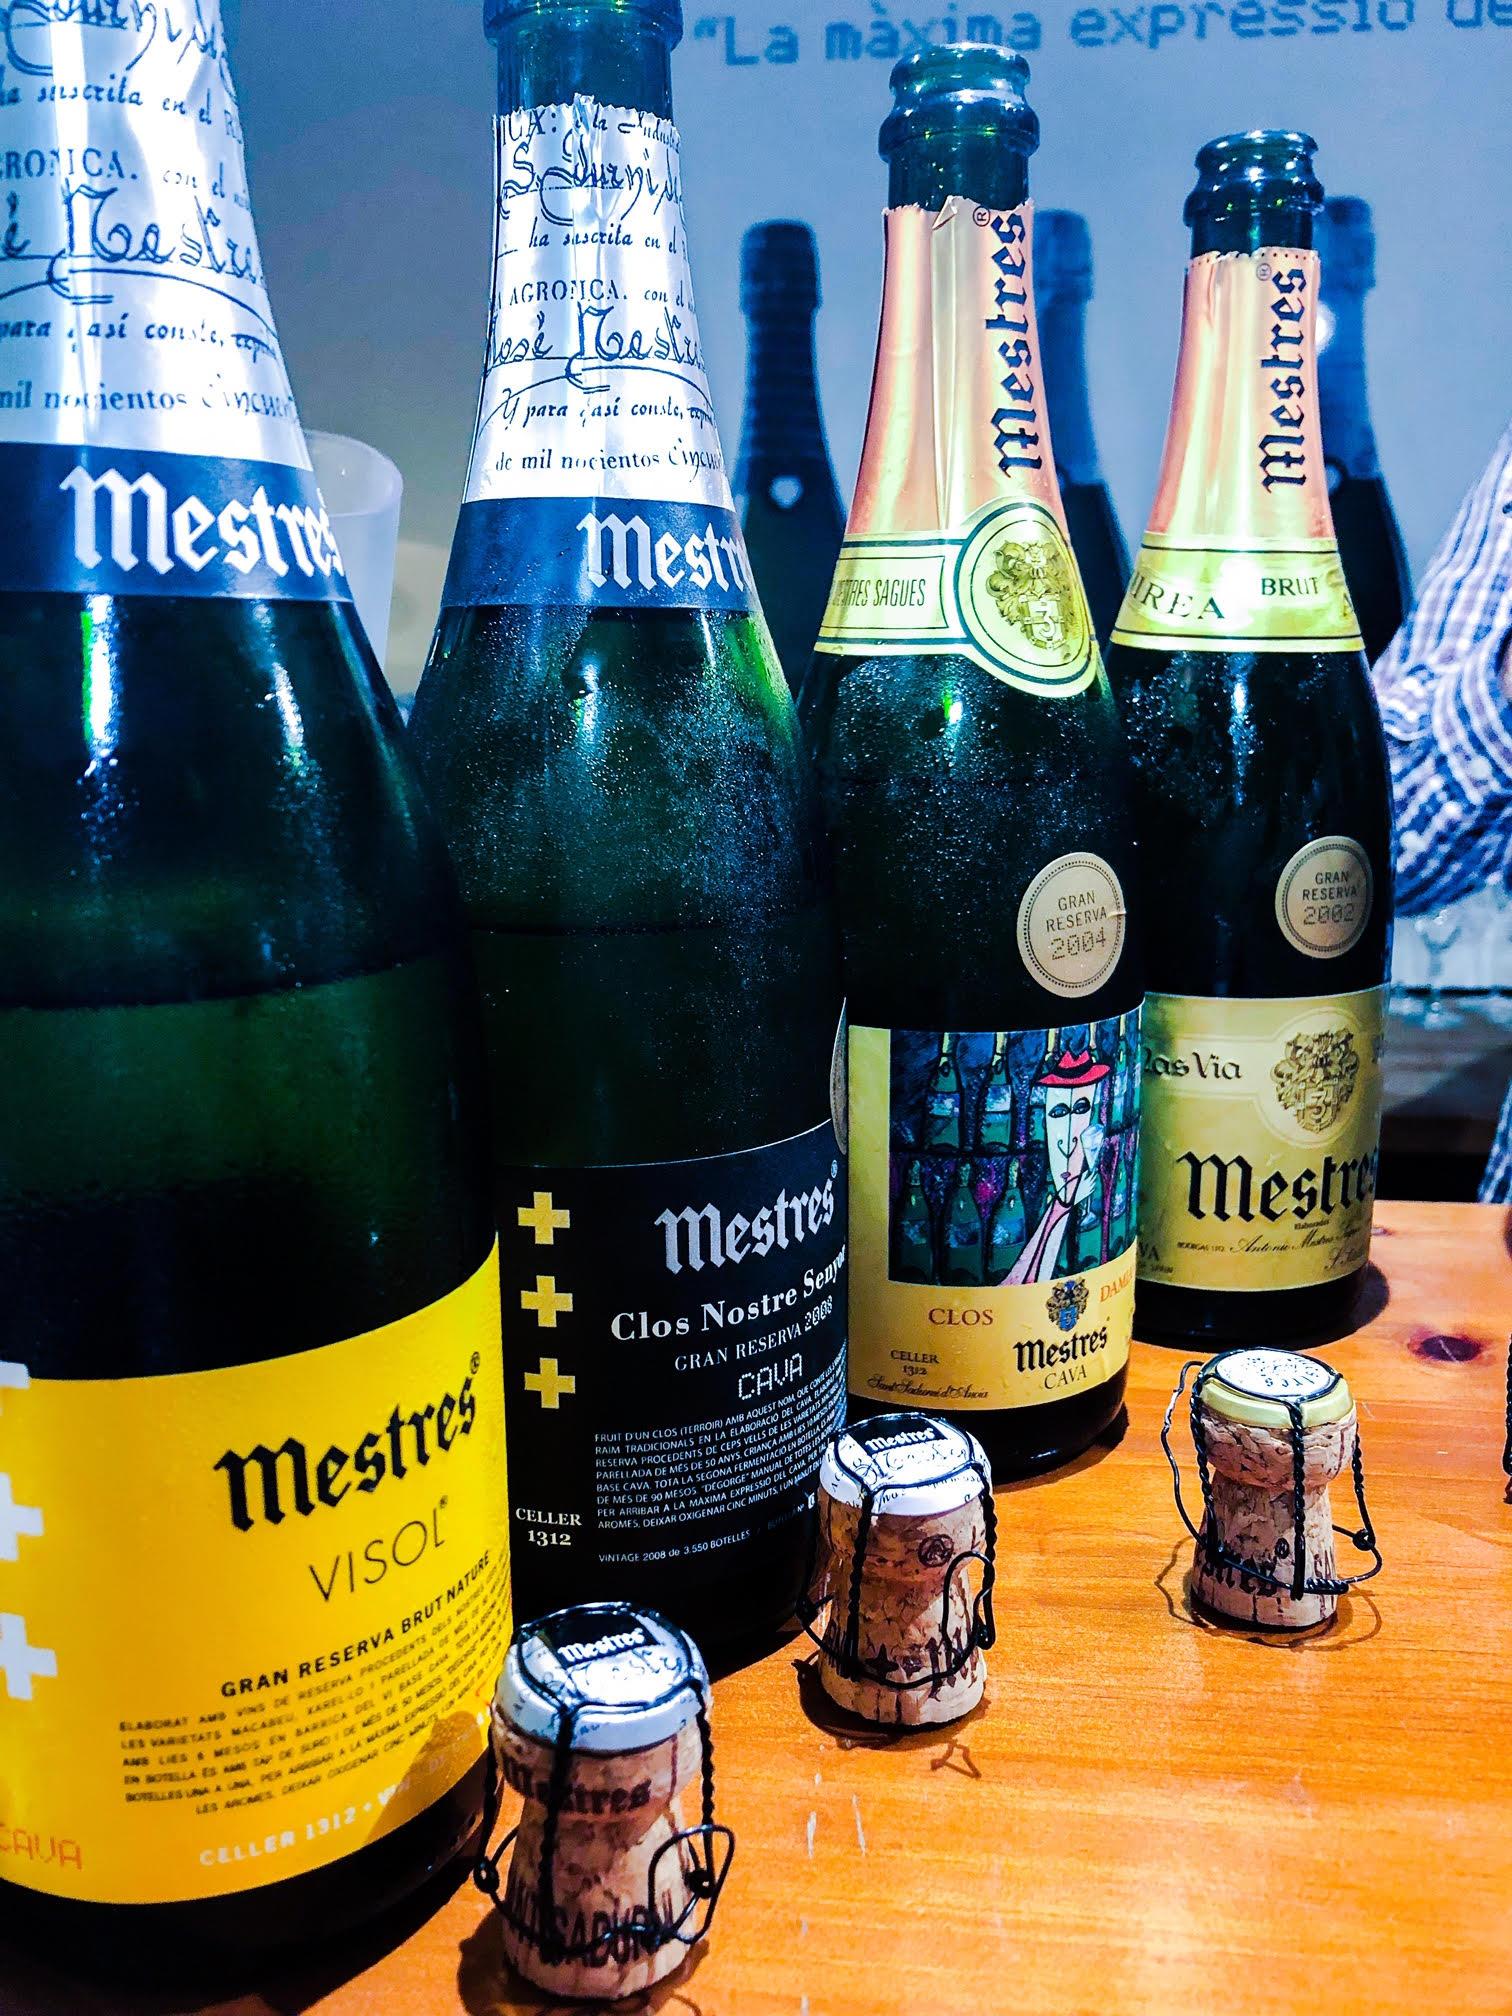 Mestres Old Bottles.jpg